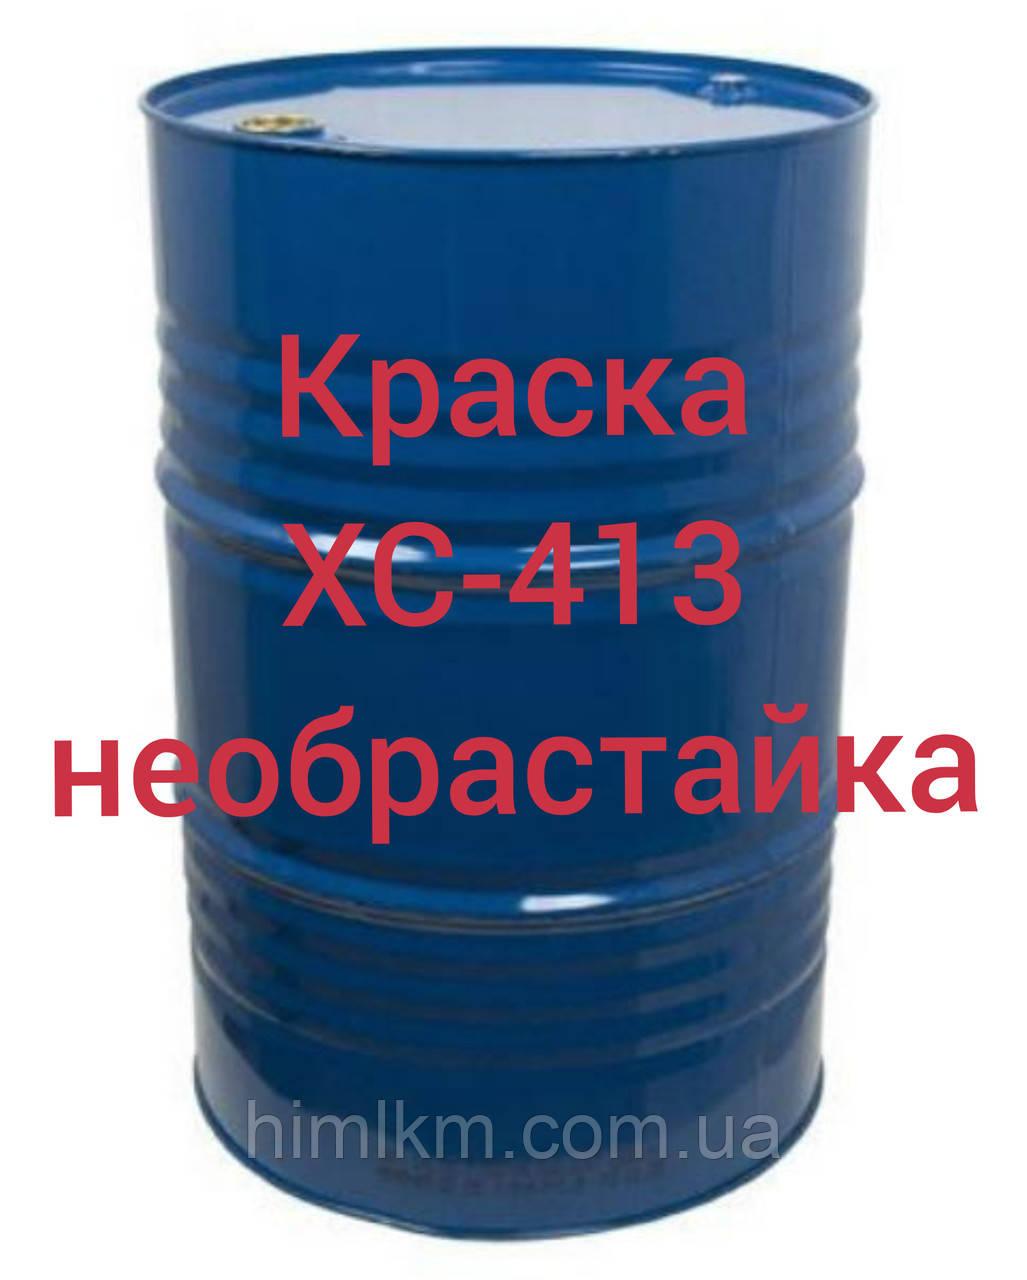 Емаль ХС-413 для захисту від корозії підводної частини суден необмеженого району плавання